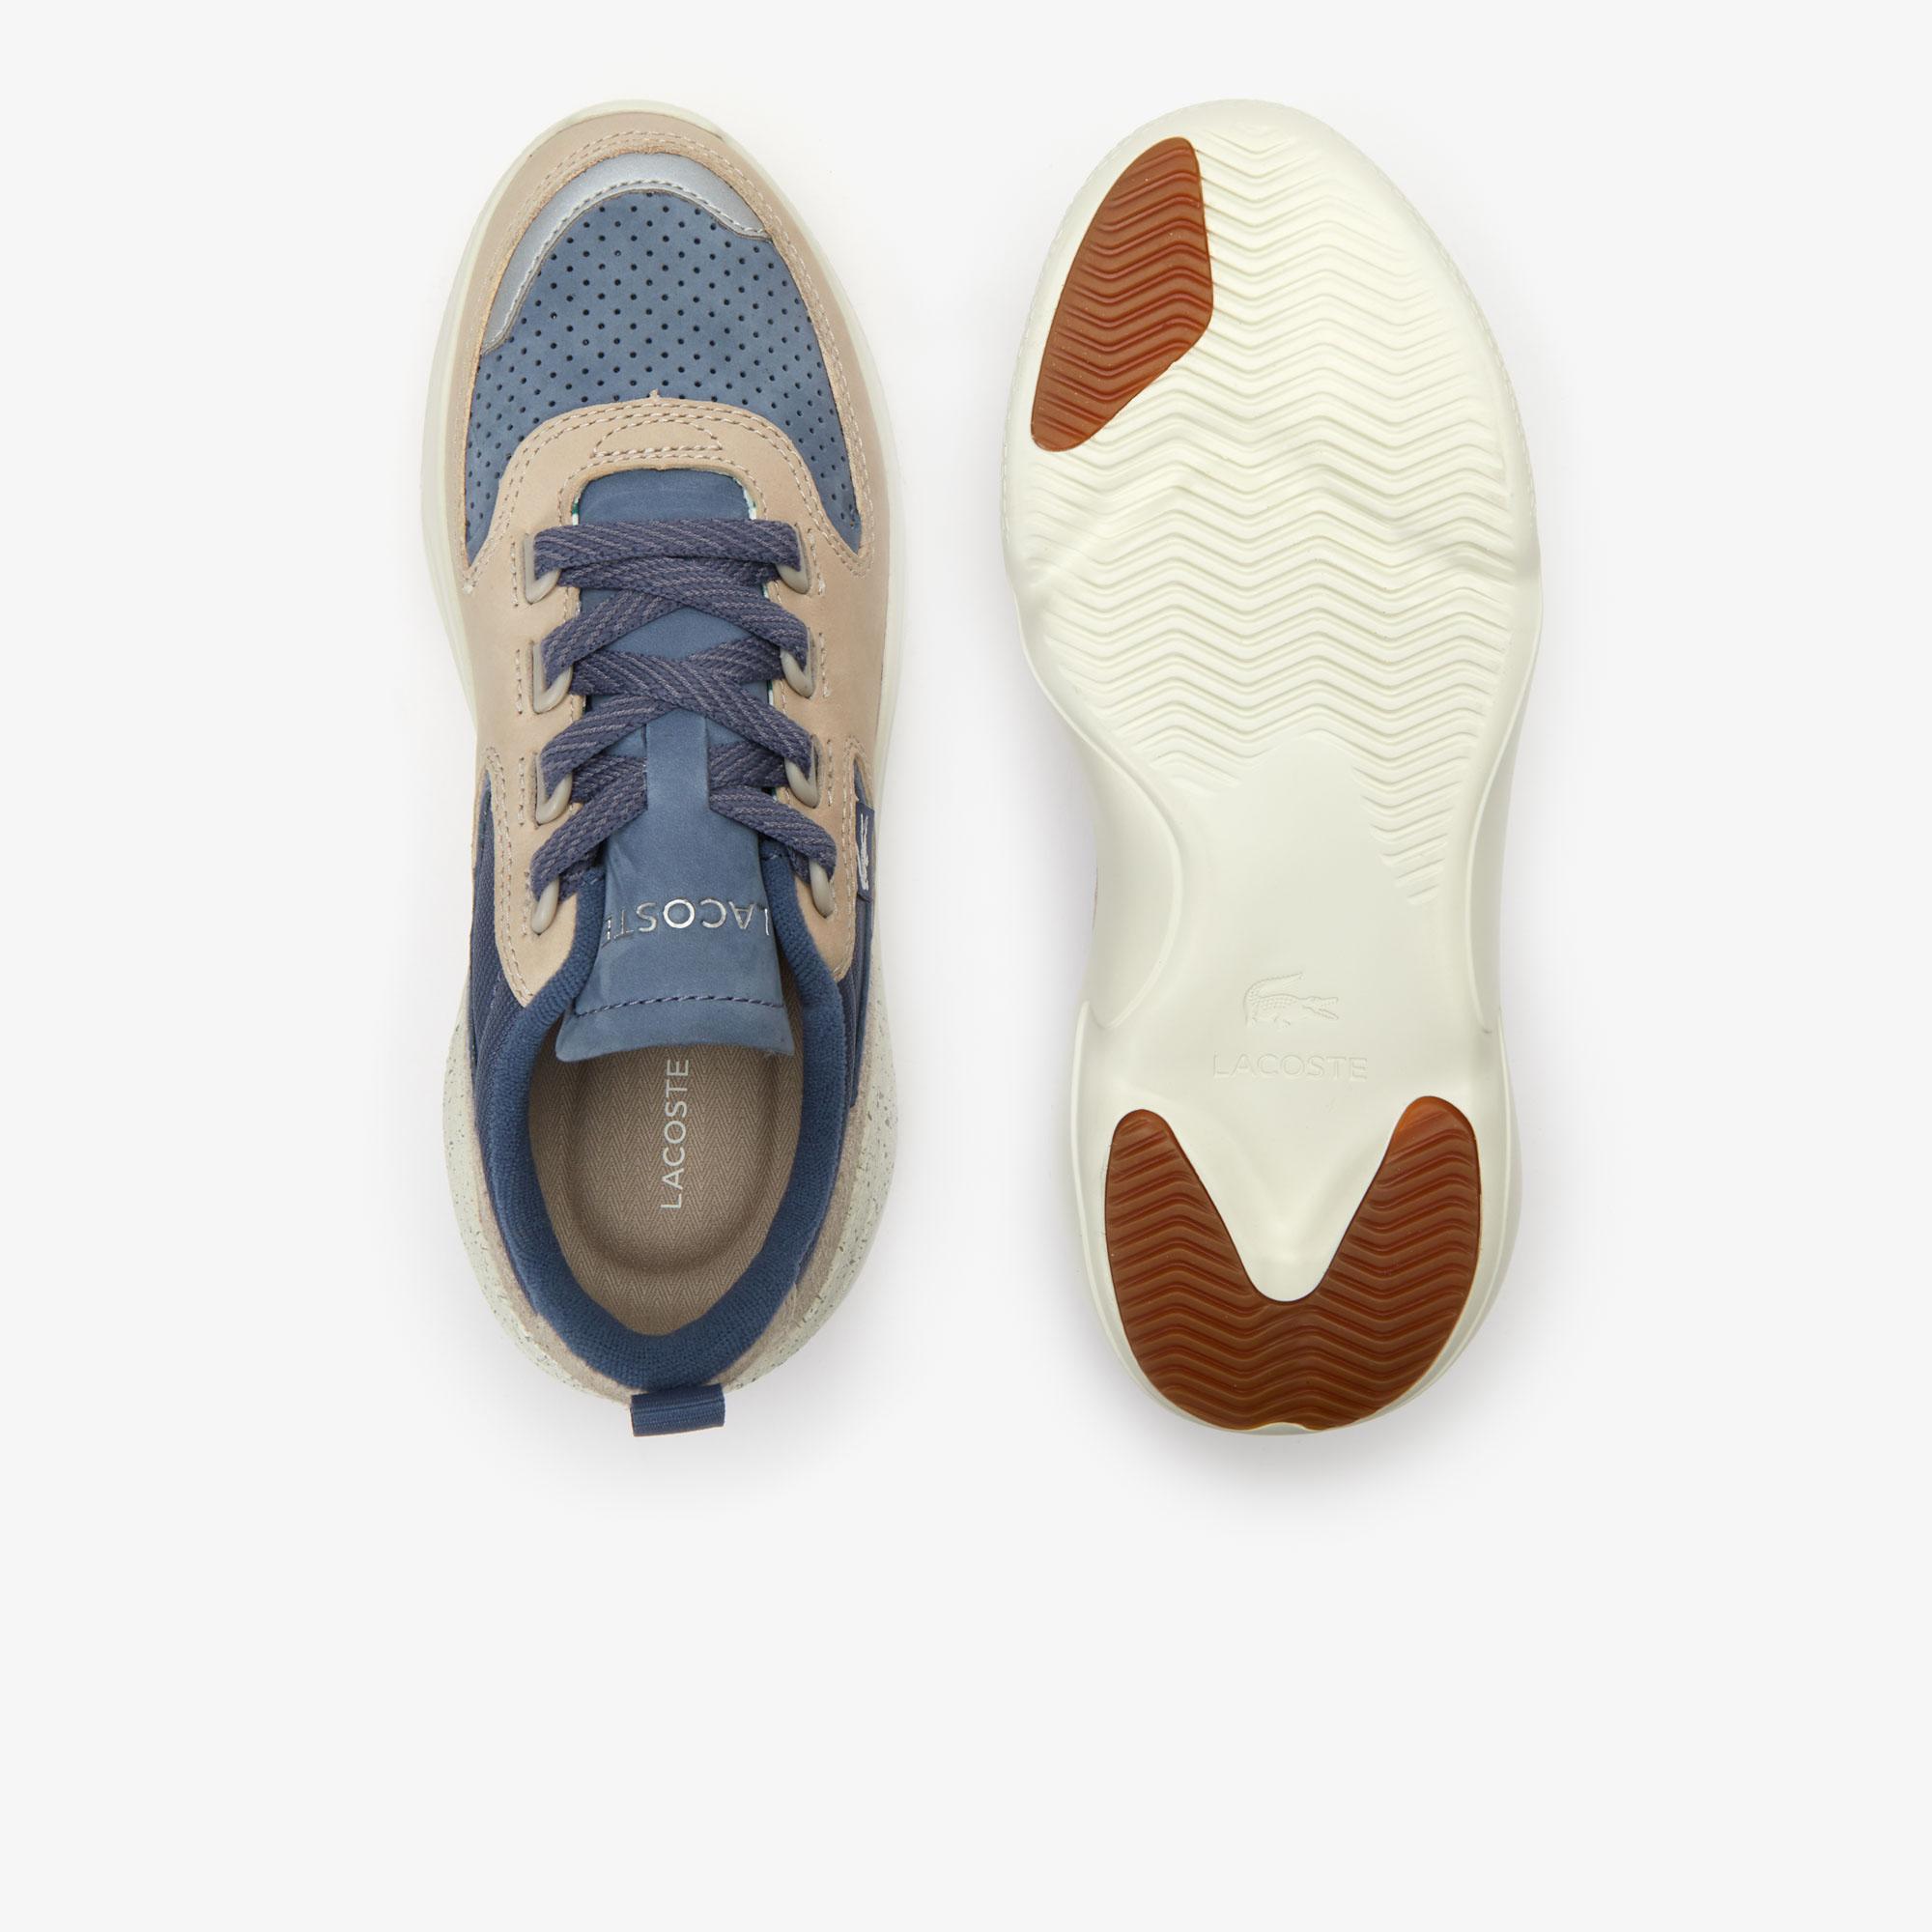 Lacoste Wildcard 319 3 Sfa Kadın Koyu Mavi - Bej Sneaker